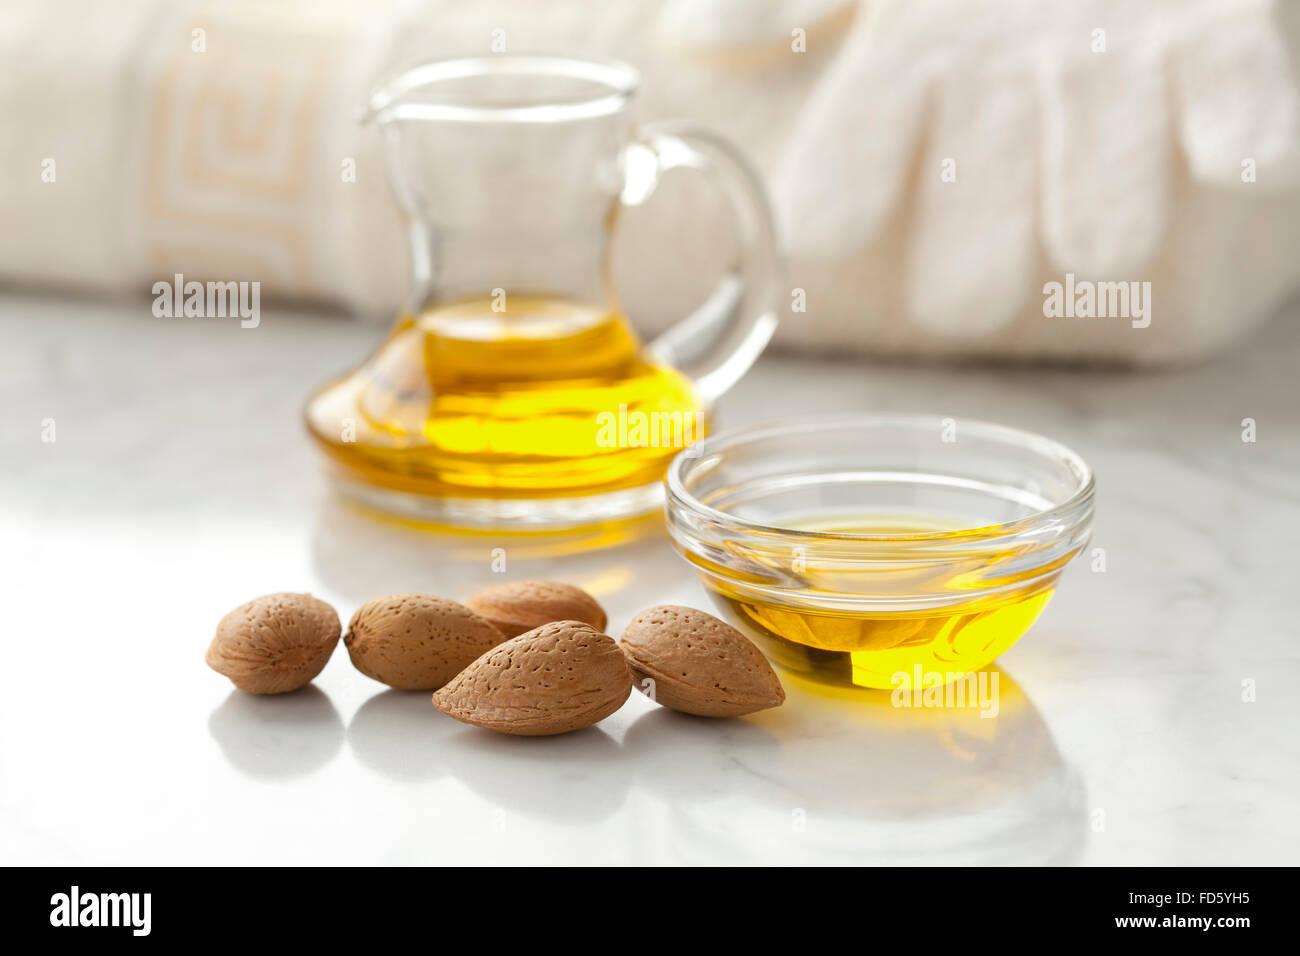 L'huile d'amande et des amandes pour usage cosmétique Photo Stock